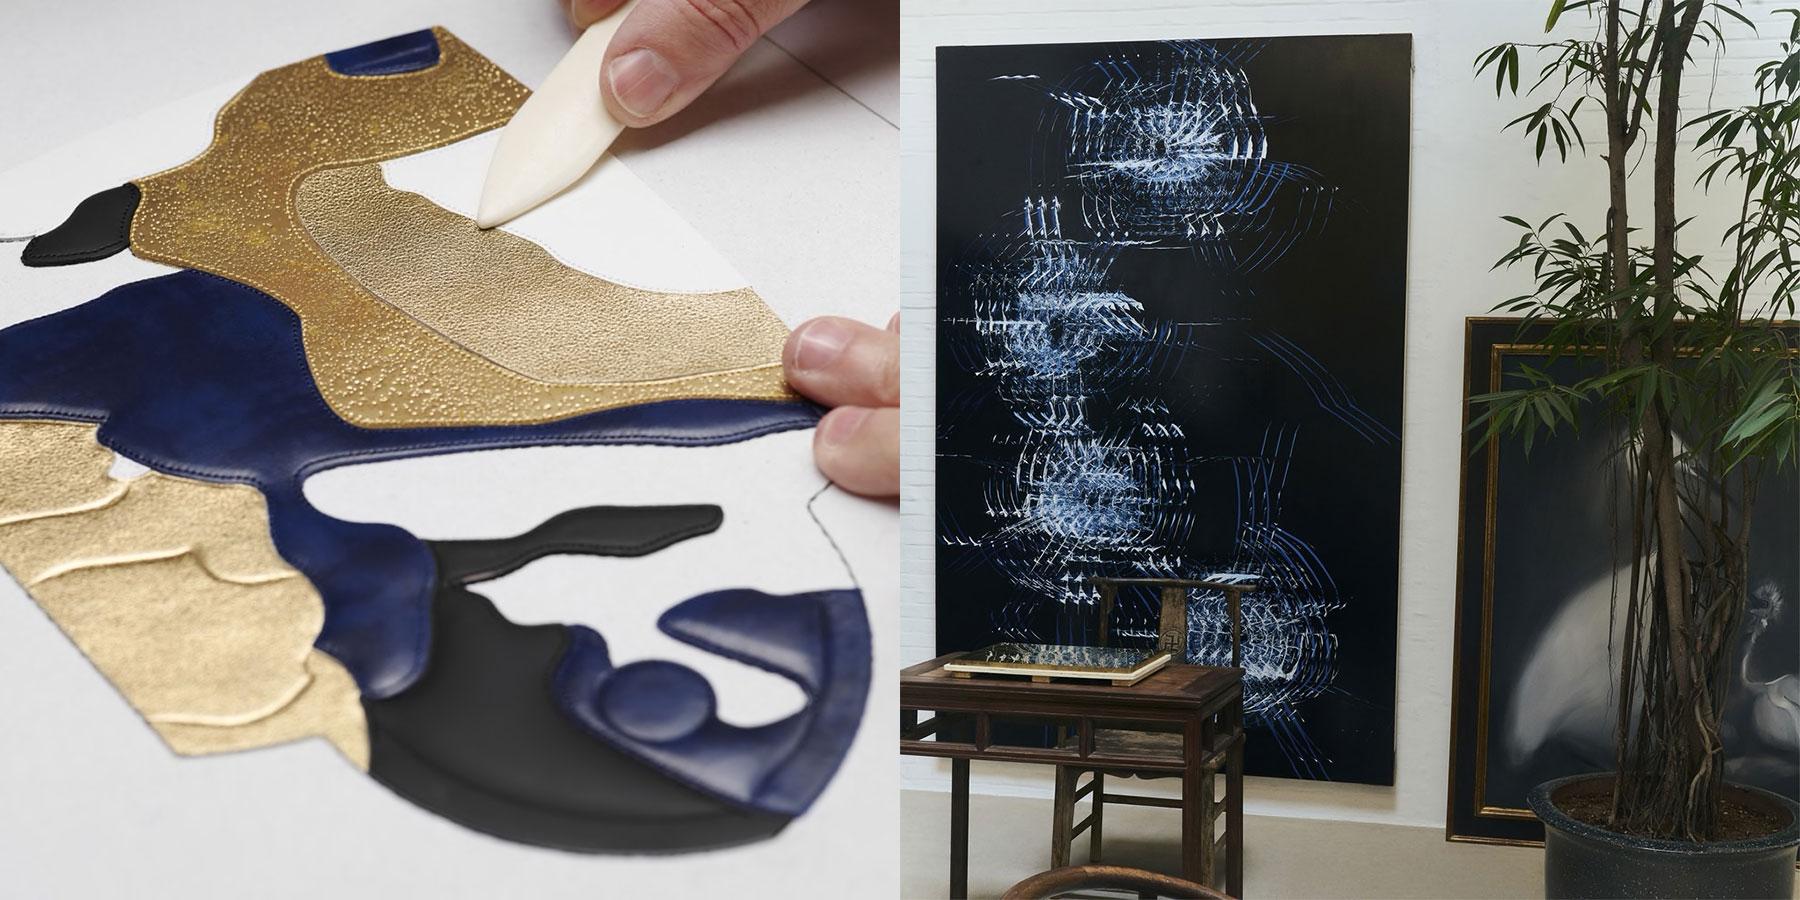 Louis Vuitton ra mắt 6 mẫu Artycapucines của các nghệ sĩ qua dòng túi Capucine - 18